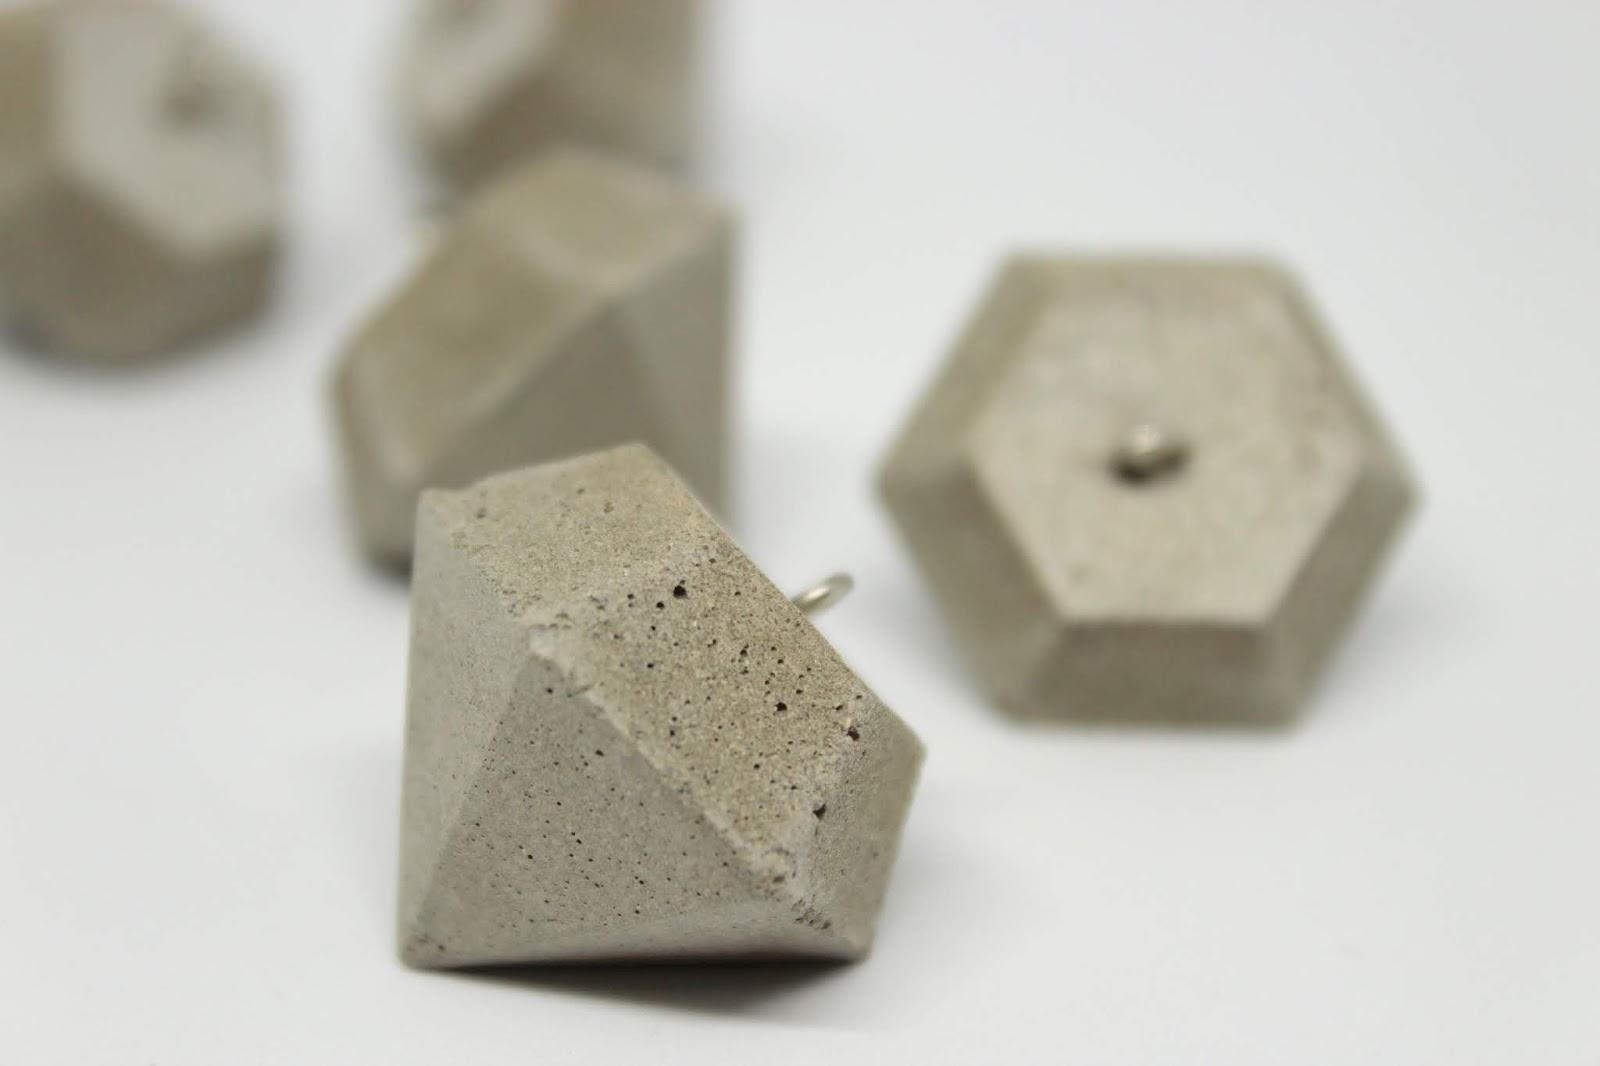 DIY Diamant Schlüsselanhänger aus Beton selbermachen - die perfekte Geschenkidee